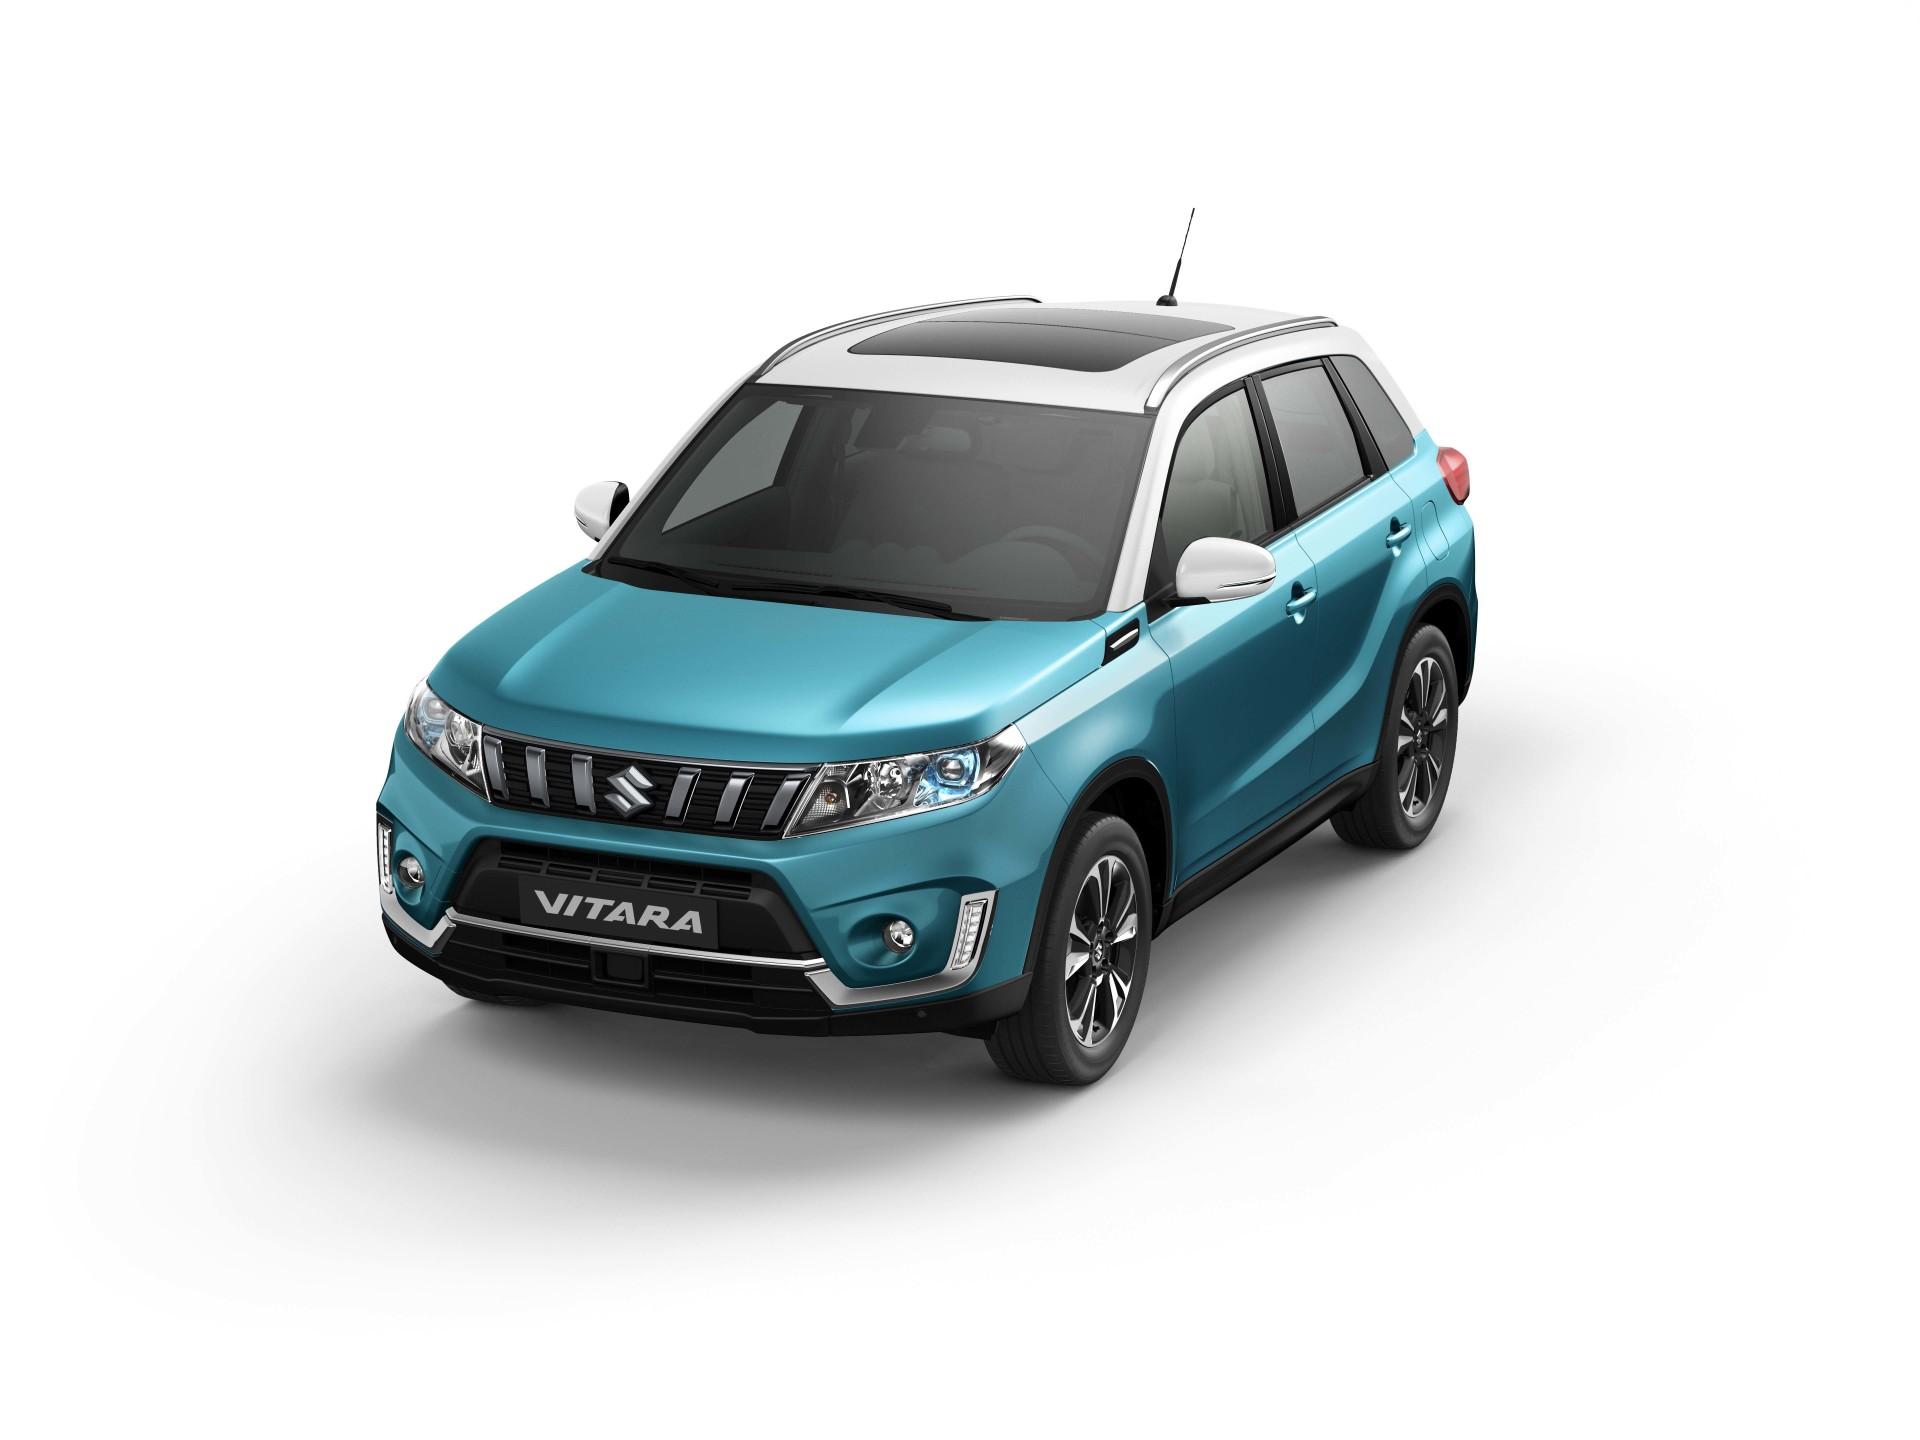 Suzuki Vitara 2018 507